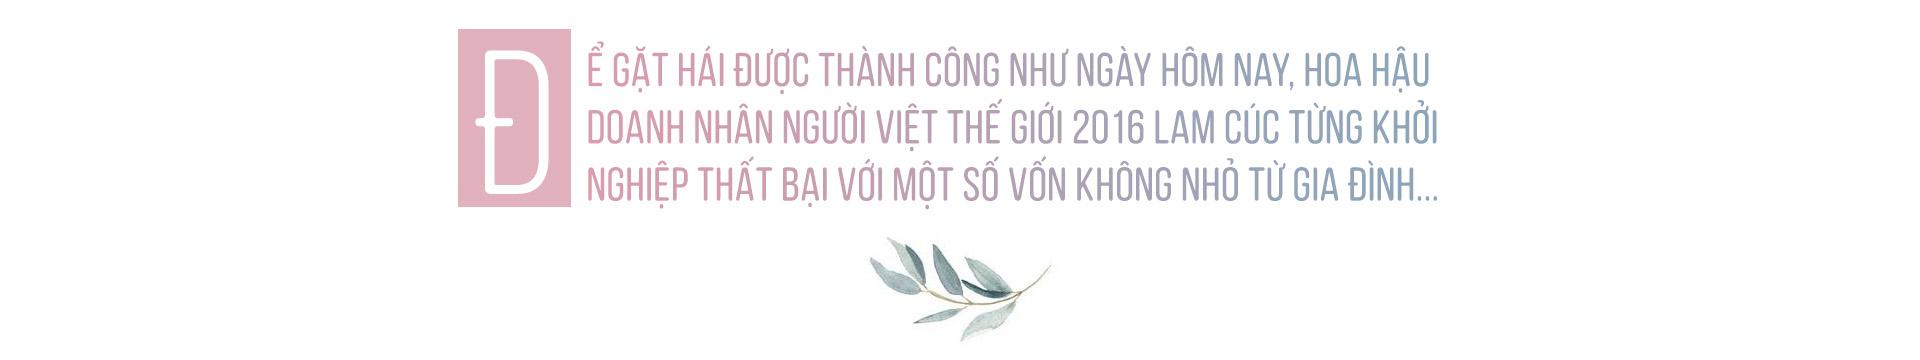 Hoa hậu Lam Cúc: 'Thành công nhỏ nhưng được tạo dựng bởi những giá trị lớn!'